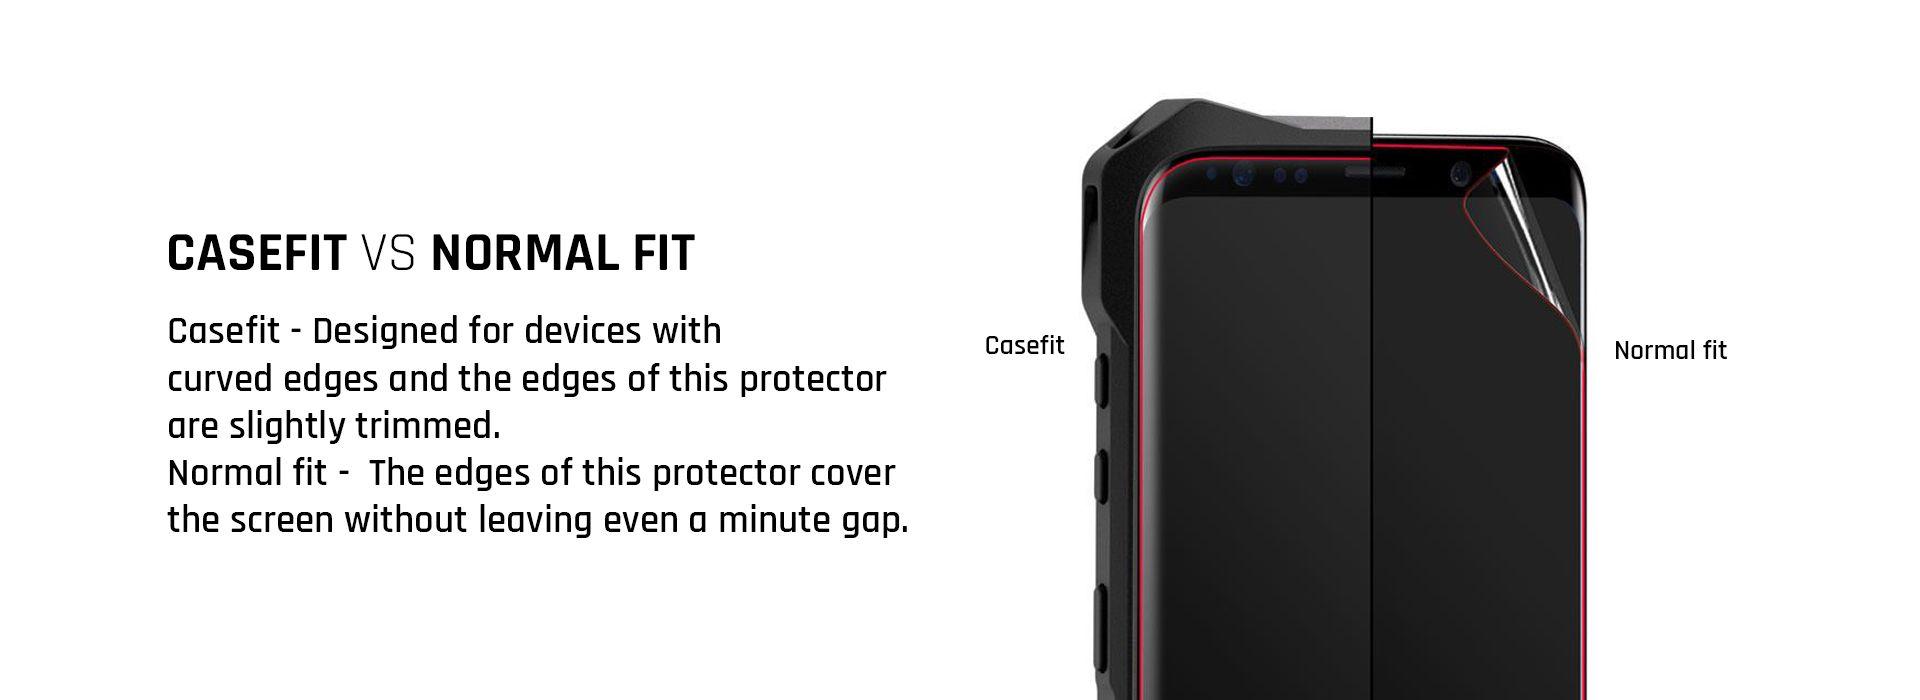 ultra flexible screen protection